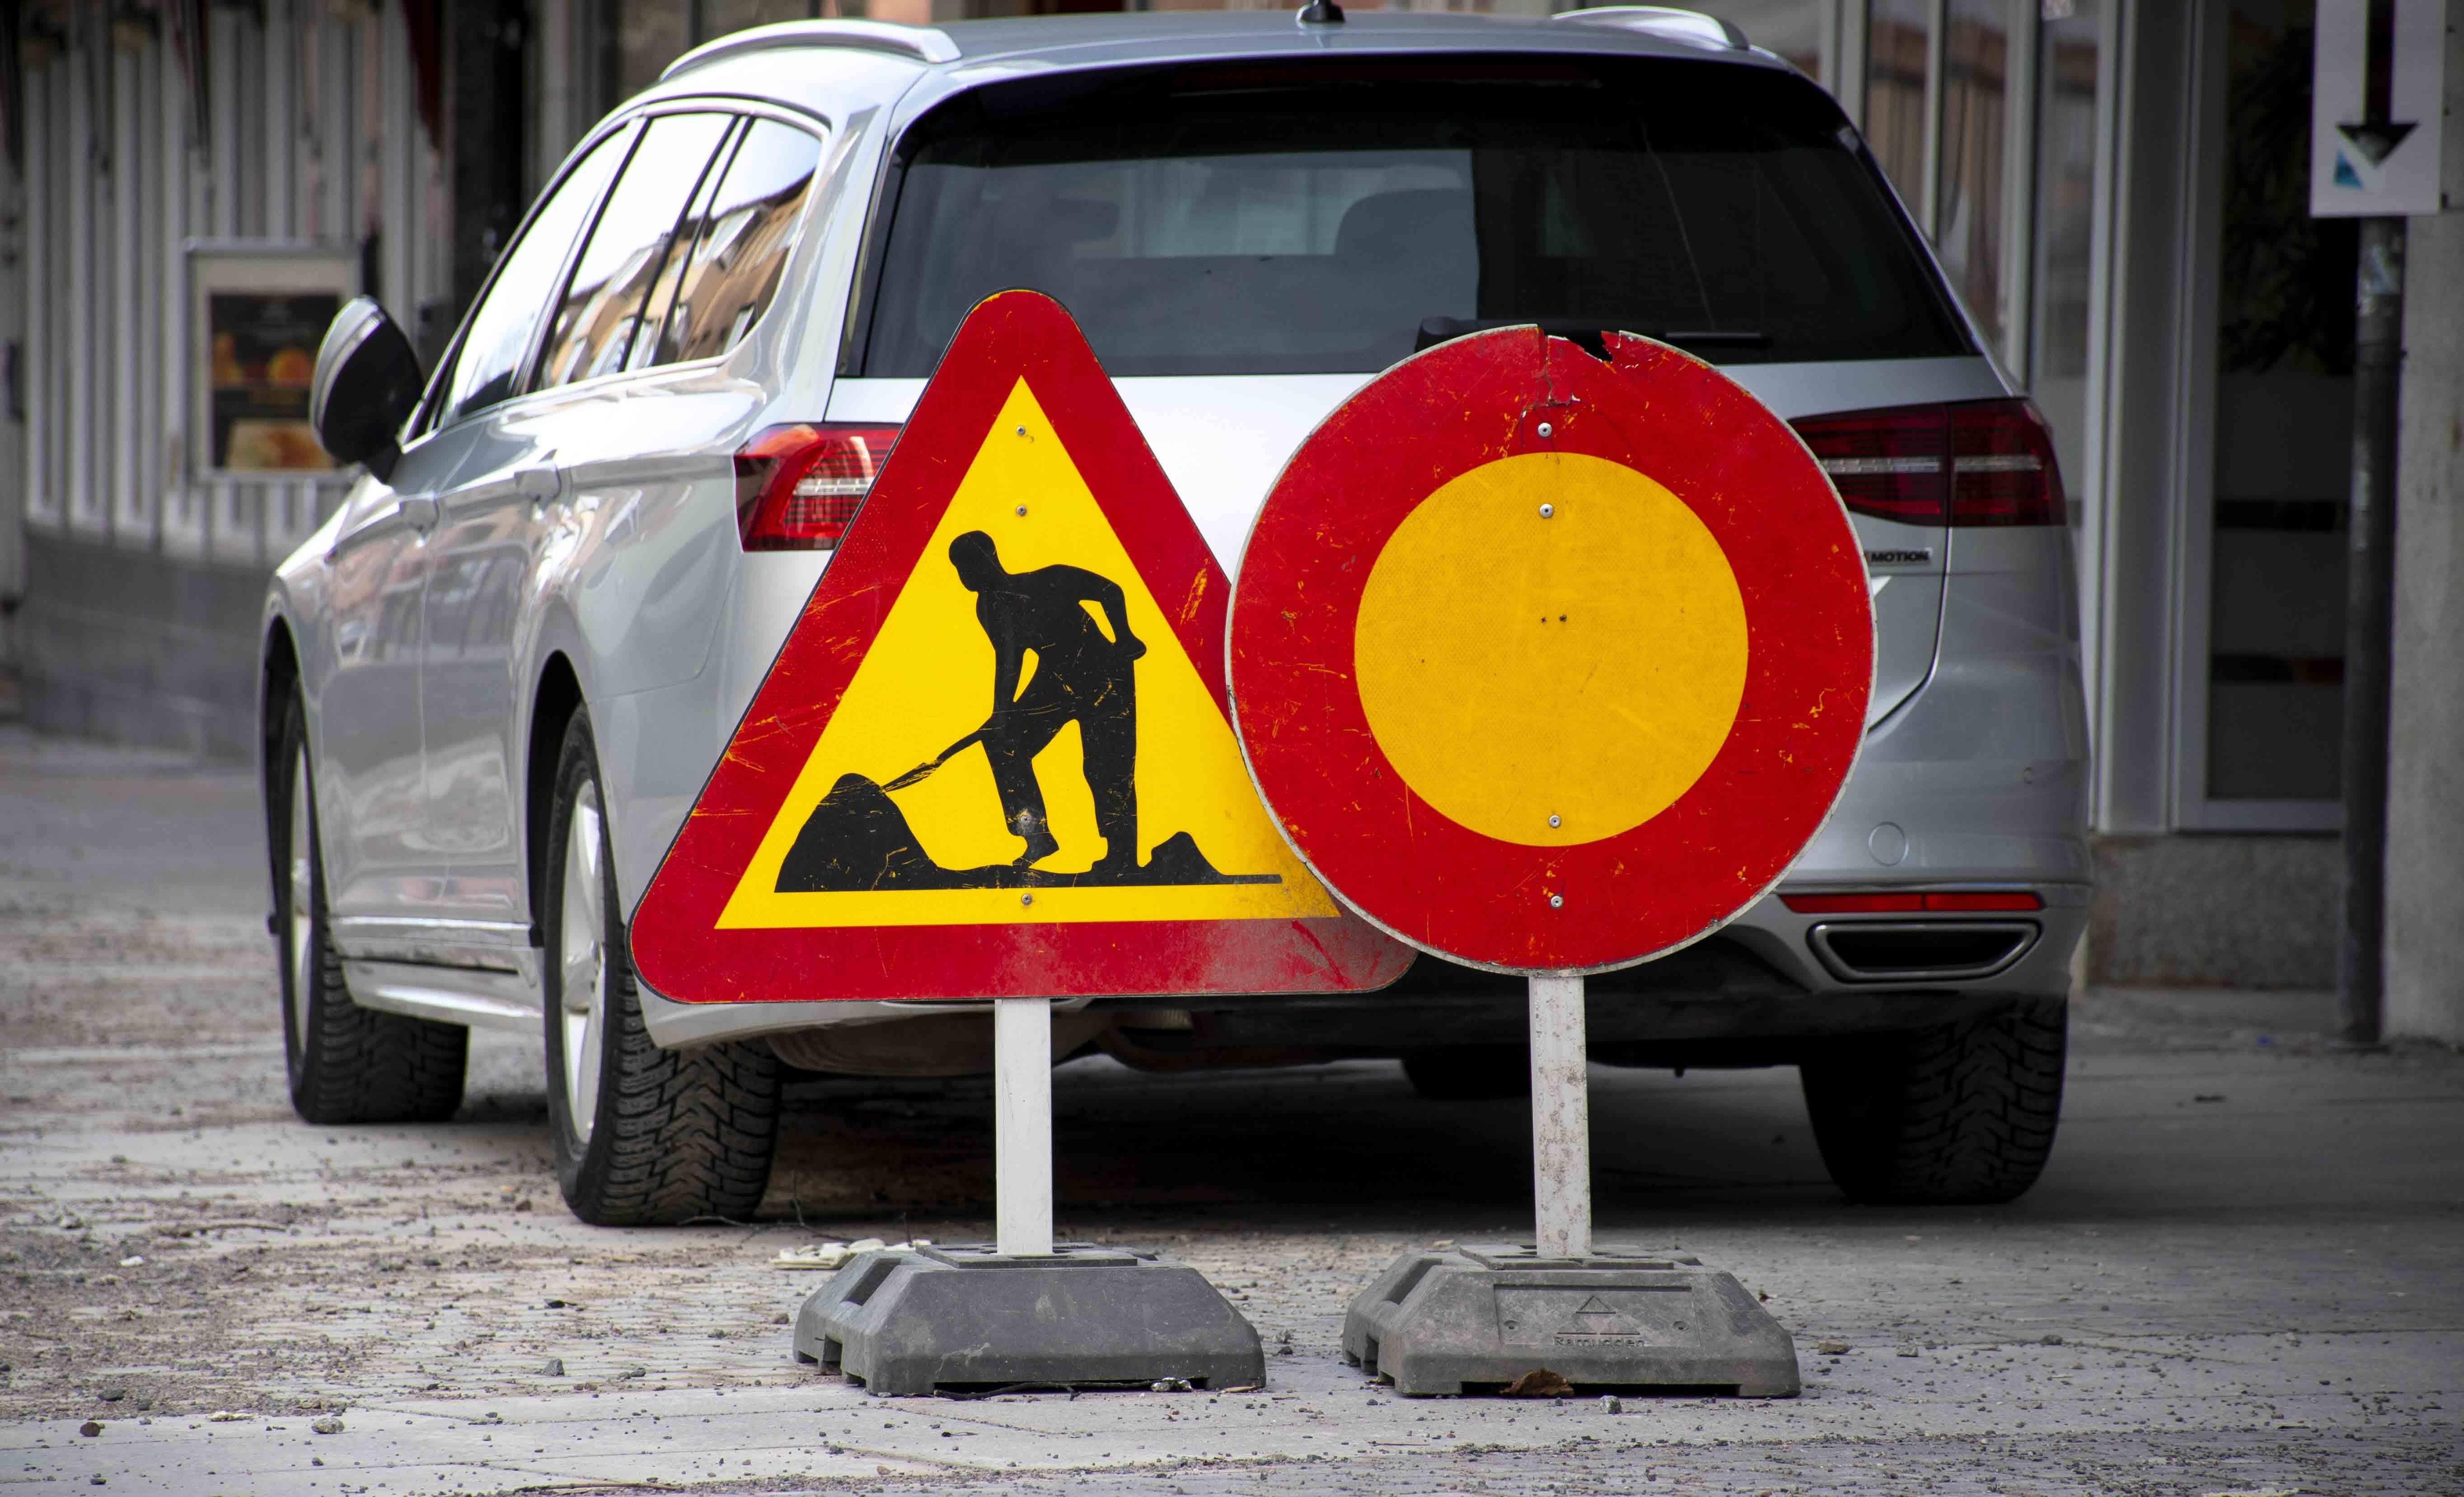 Strassenschilder in Schweden